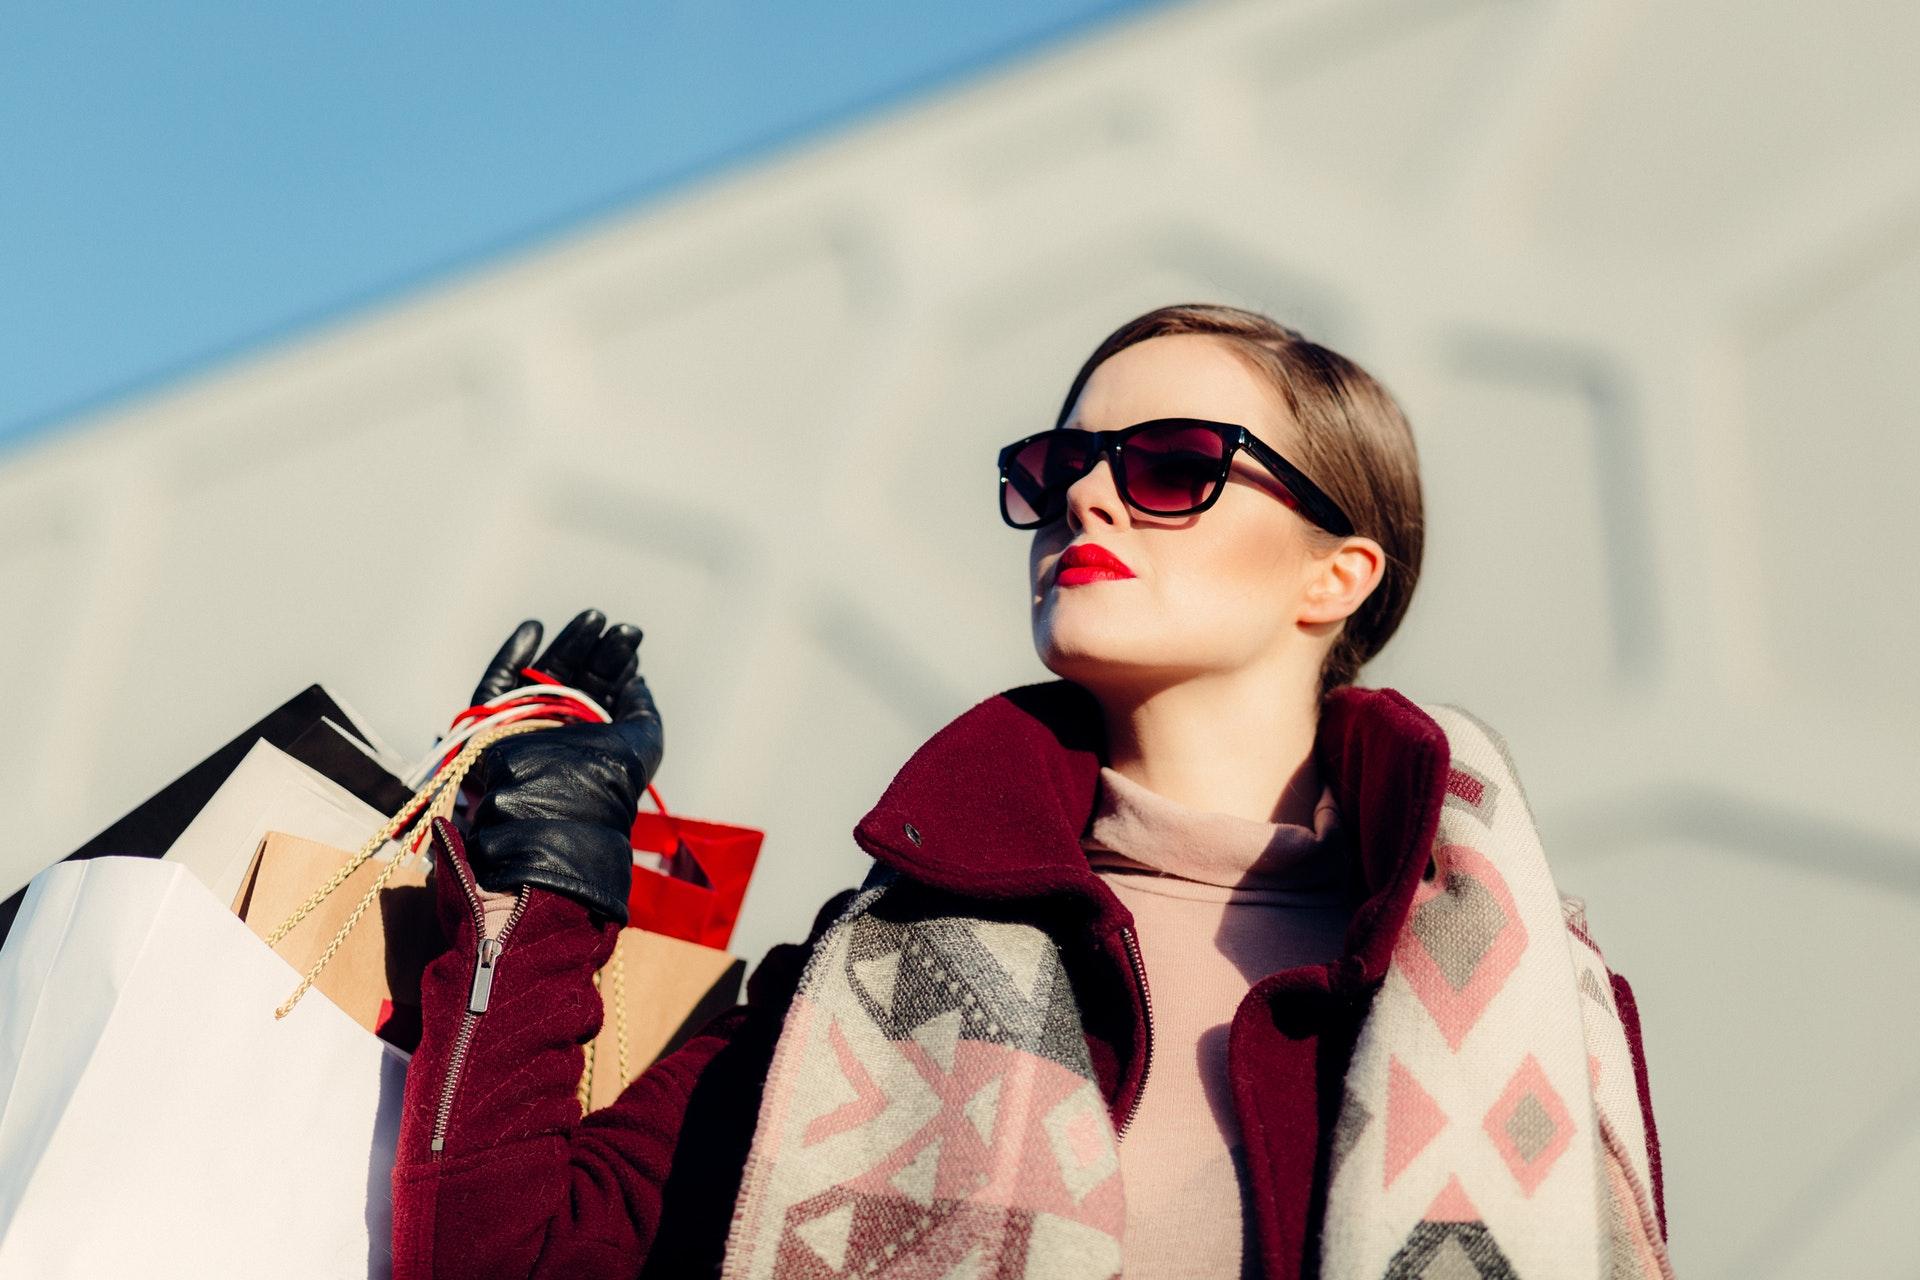 アラフィフ女性の魅力をひきだすファッションはこれ!